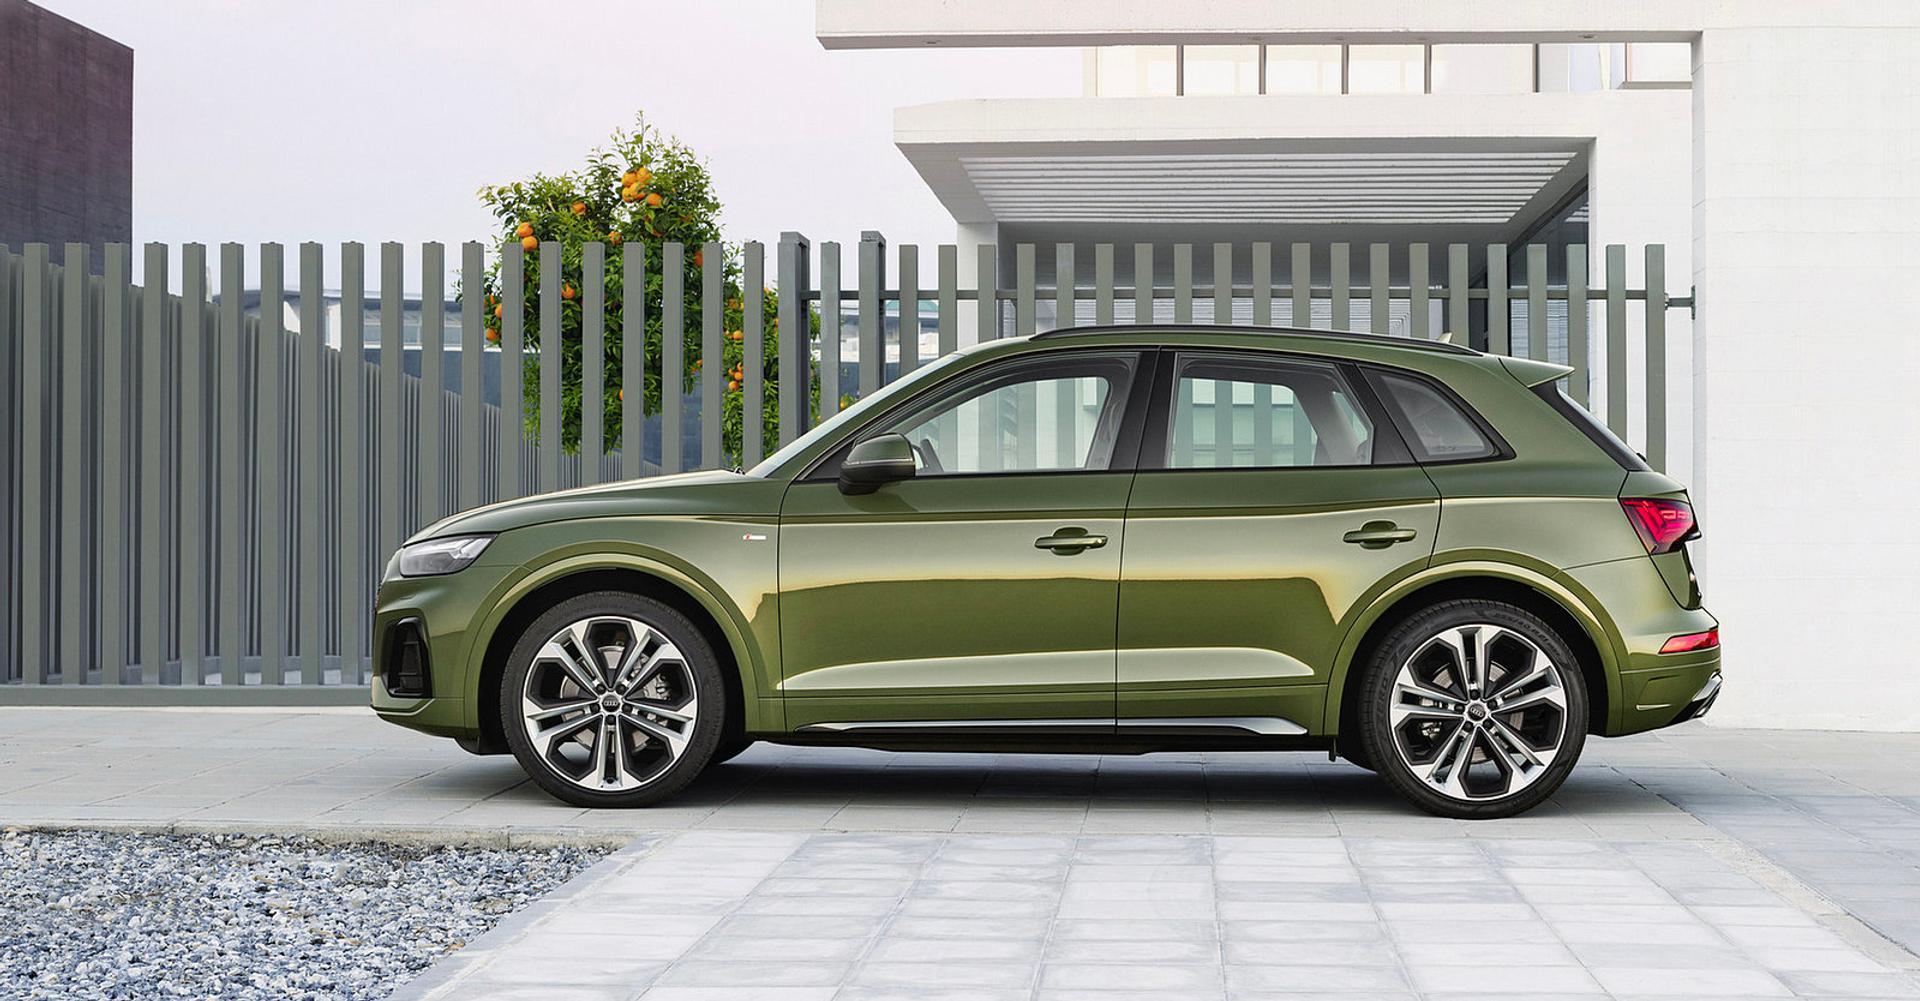 Audi Q5 side view